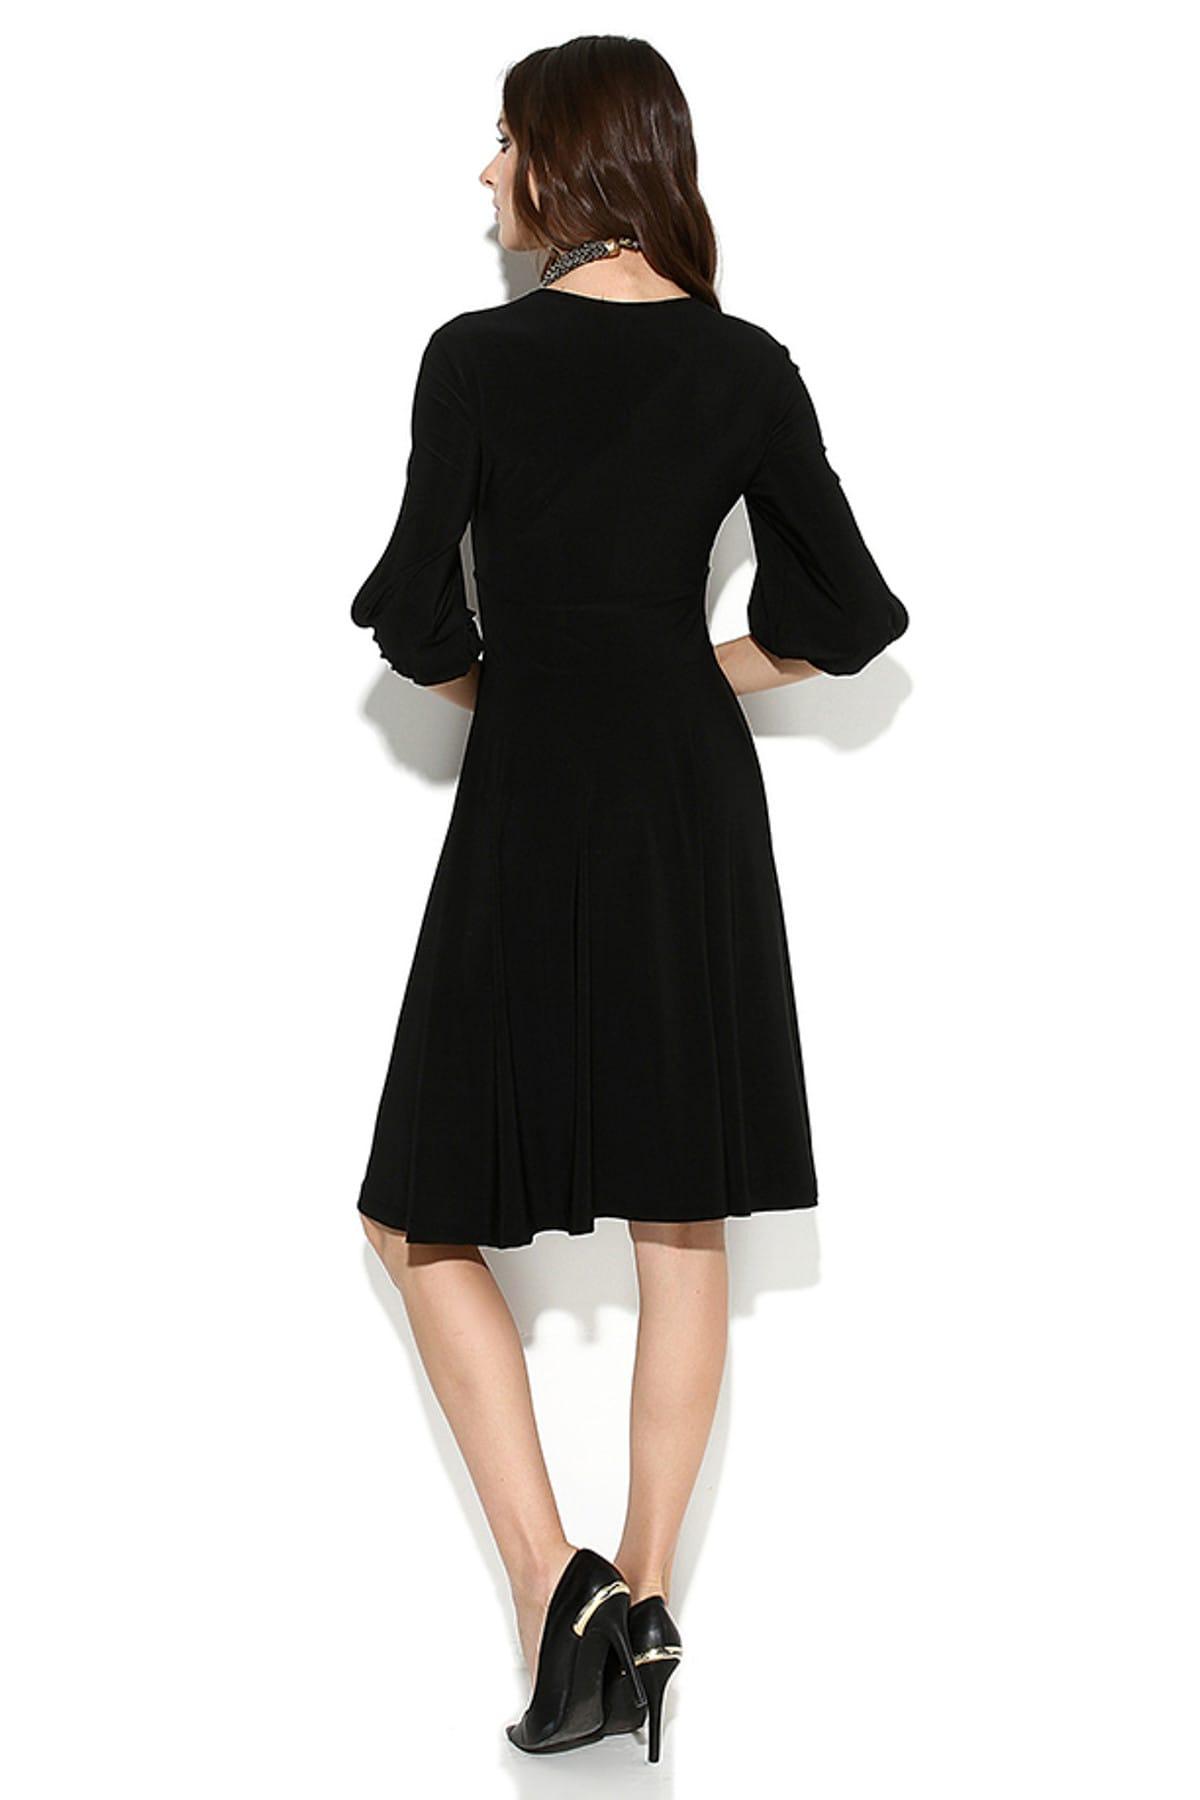 Laranor Kadın Siyah Kolda Yırtmaç Detay Elbise 15L4204 2